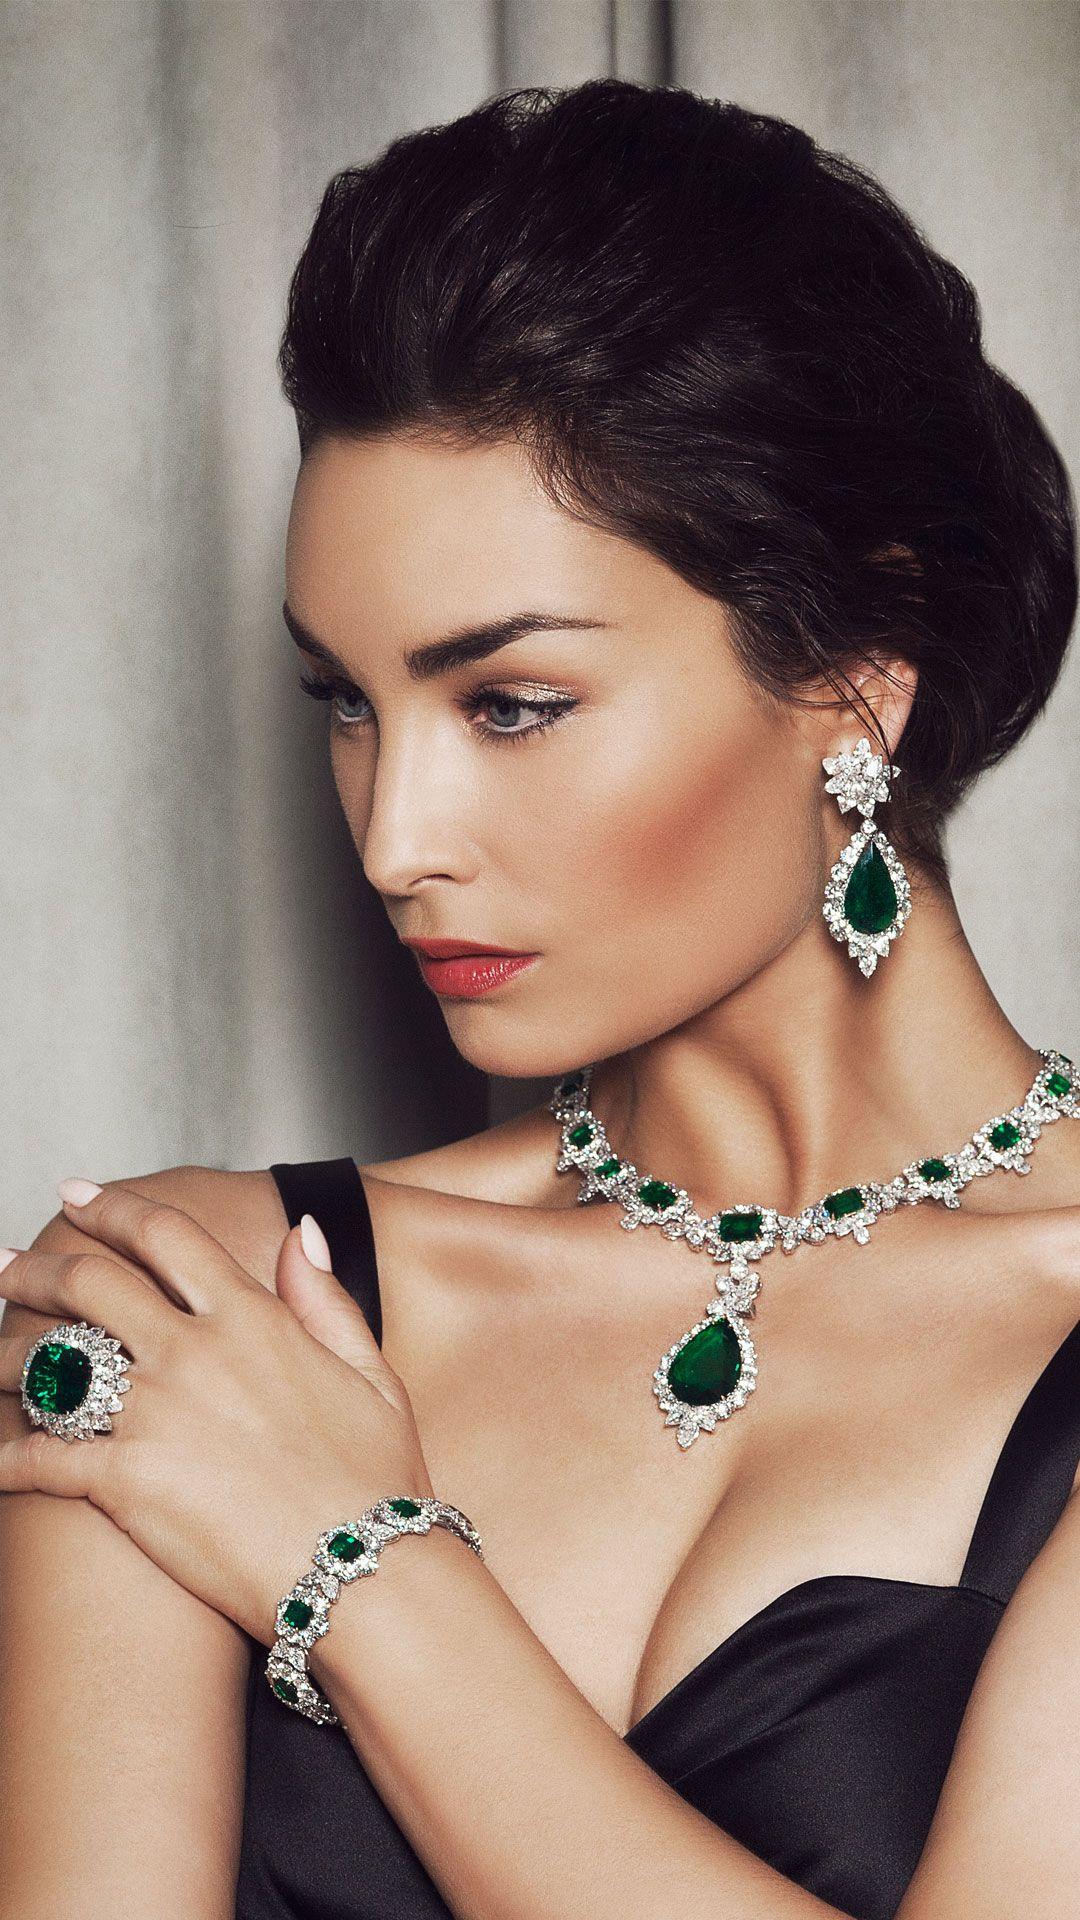 Swarovski Jewelry Exclusive Jewelry Crystal Jewelry